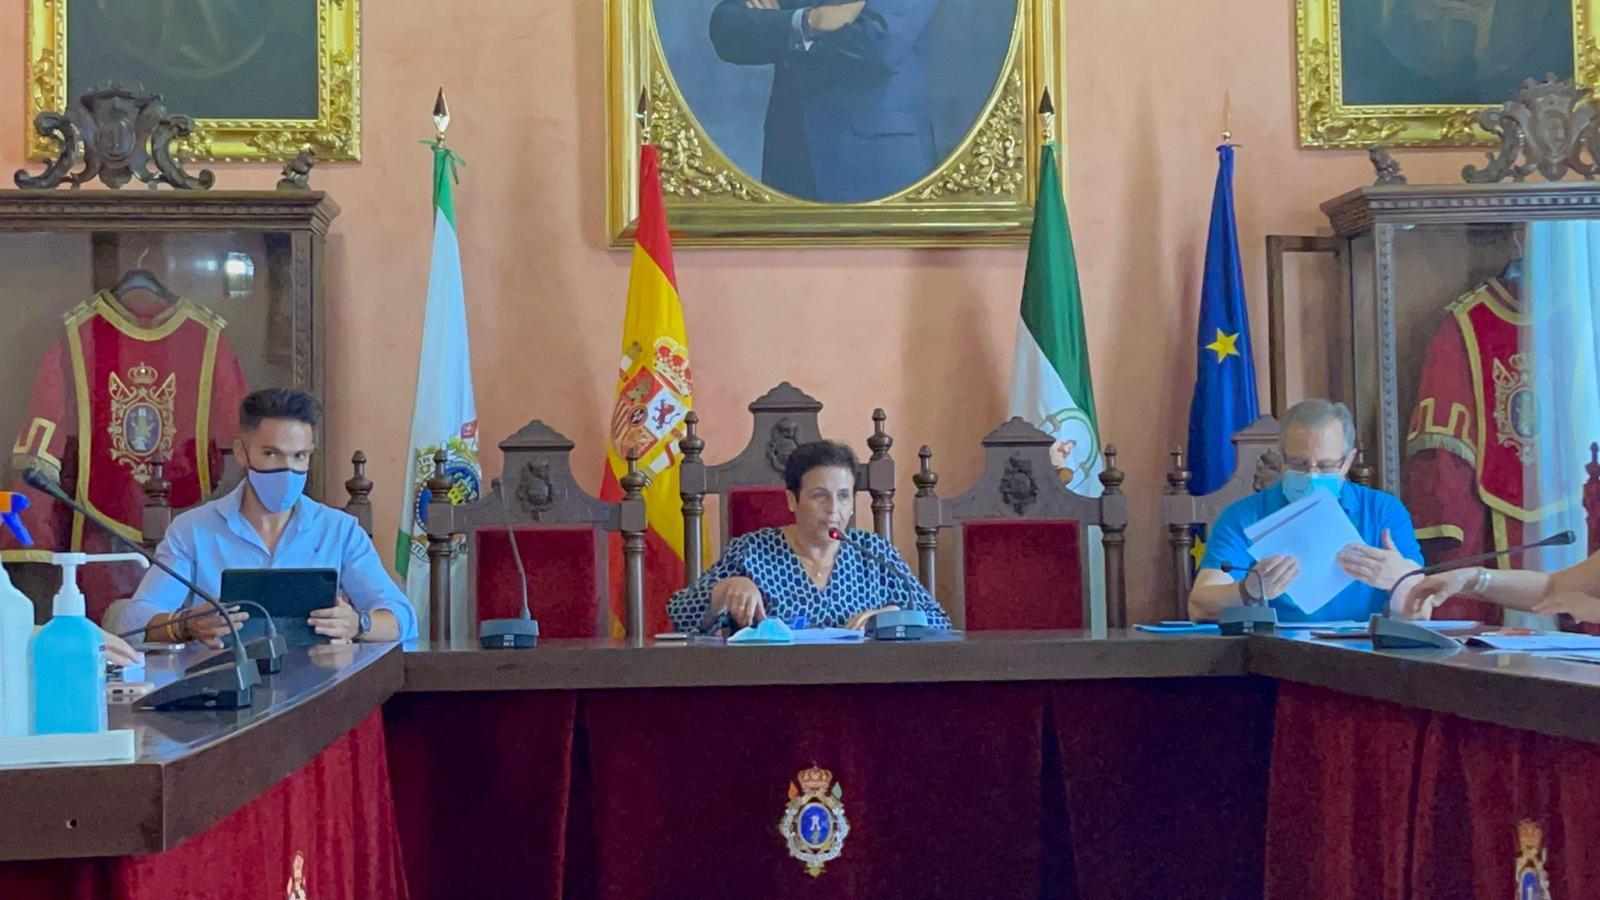 La alcaldesa de Huéscar (PP) dimite para ceder el puesto al portavoz de Cs para cumplir el pacto de 2+2